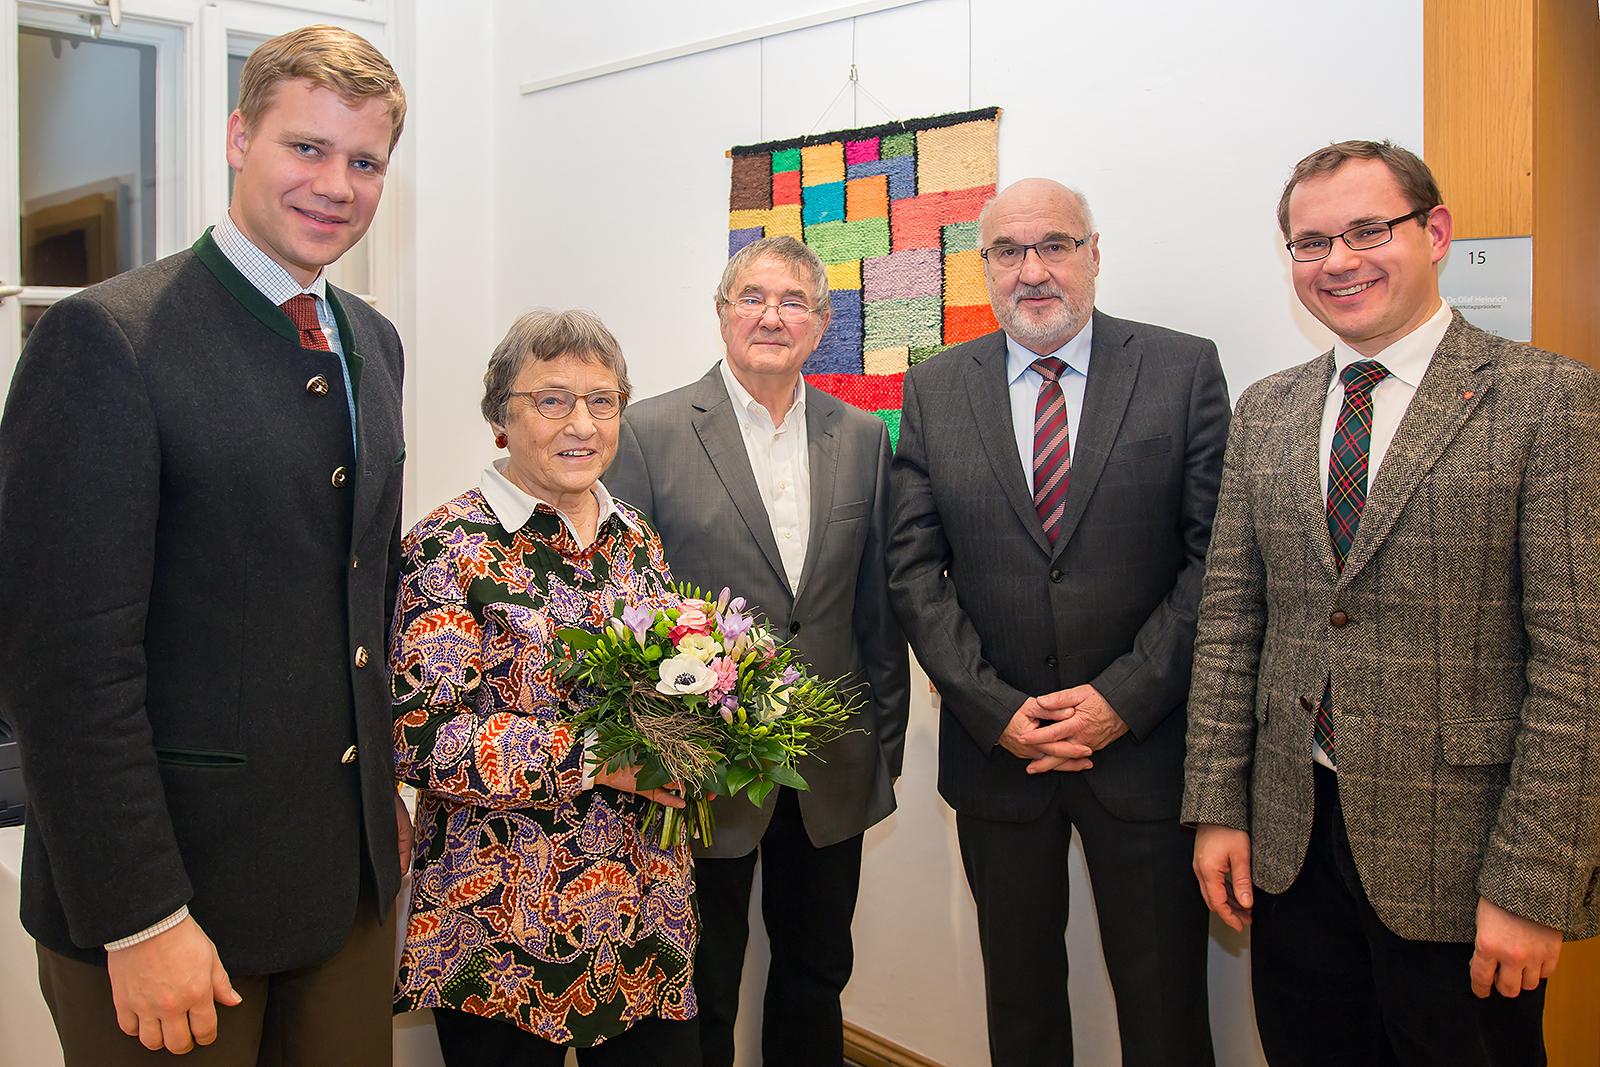 Bezirkstagspräsident Dr. Olaf Heinrich, Ursula Volland, Karlheinz Volland, Erwin Schneck, Dr. Tobias Hammerl (v.l.n.r., Foto: Bezirk Niederbayern)